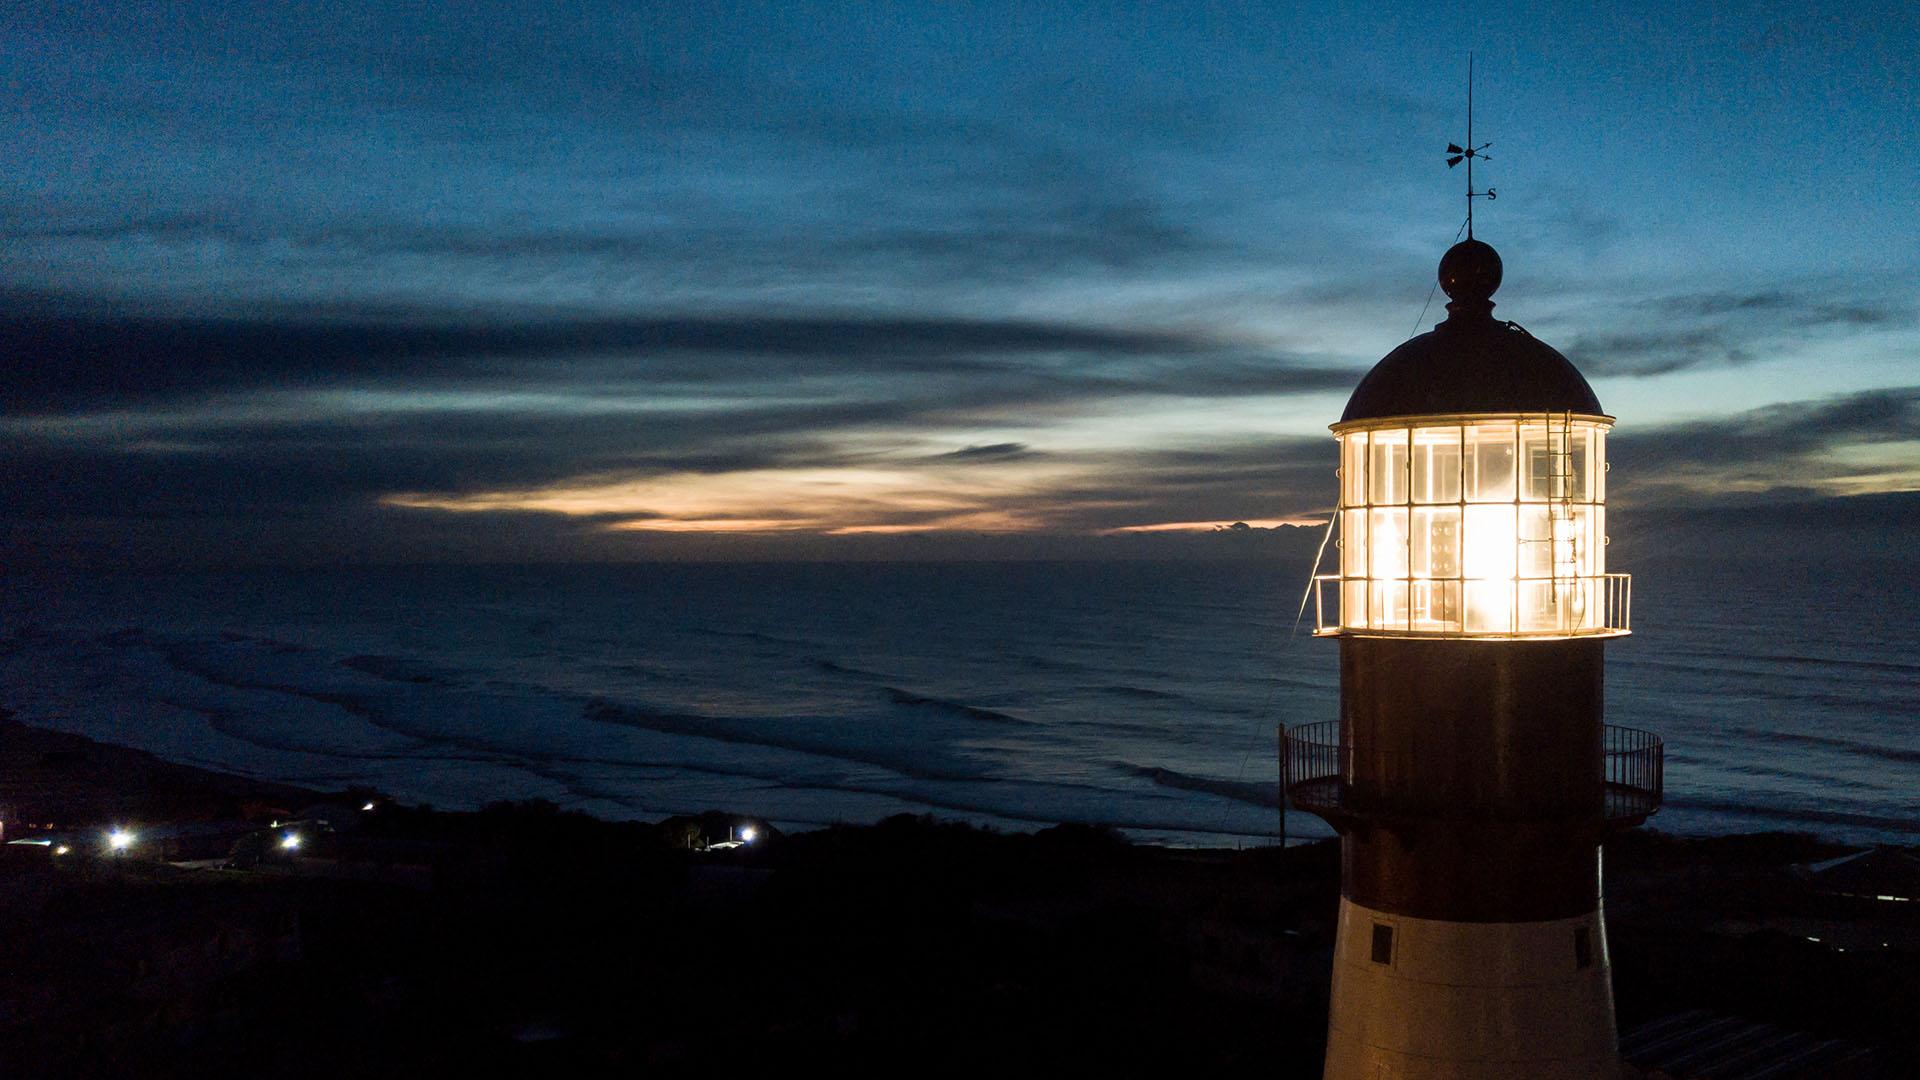 El faro marplatense está ubicado en Punta Mogotes y fue inaugurado el 5 de agosto de 1891